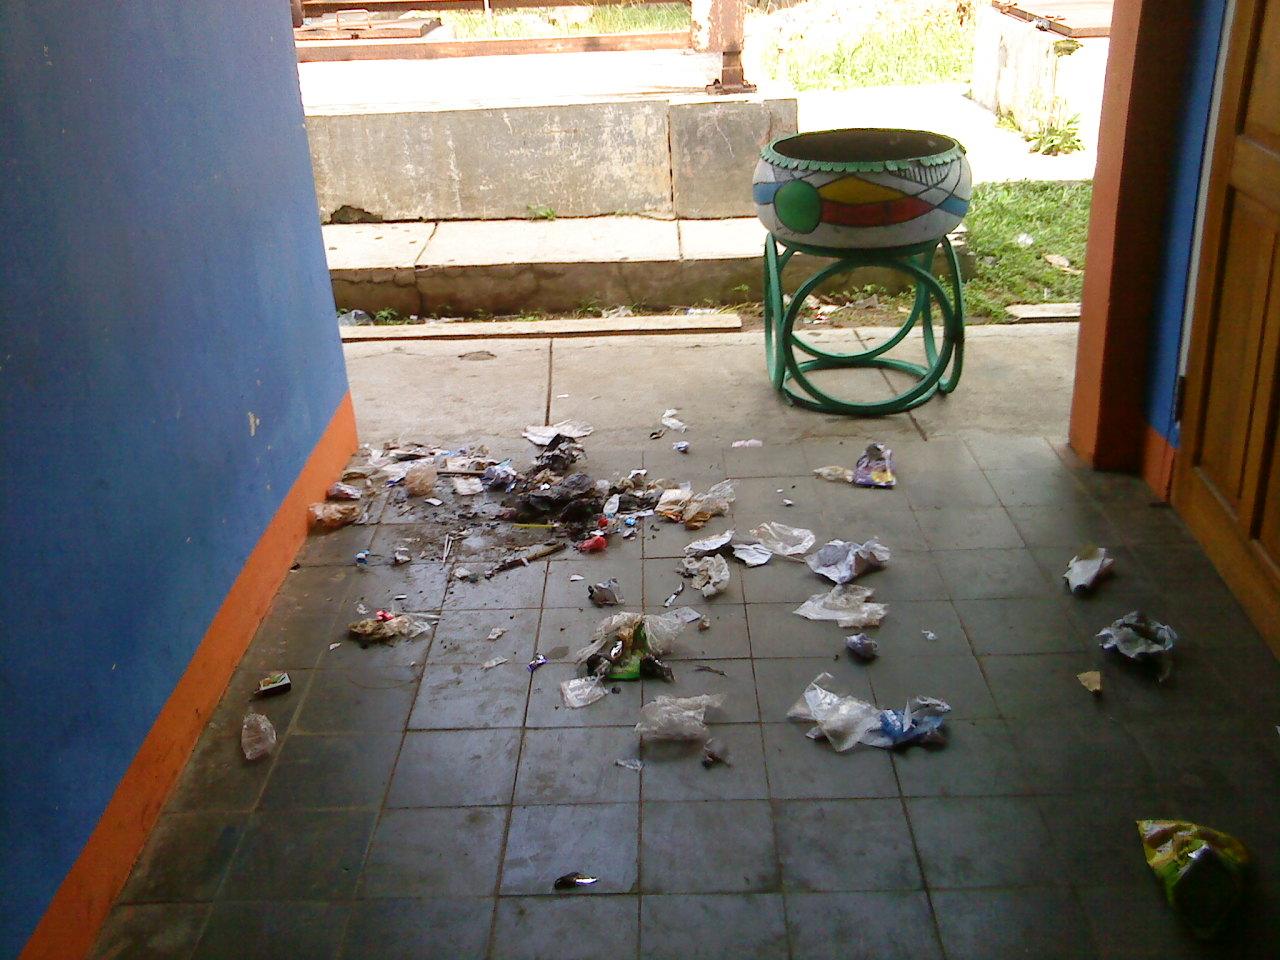 seperti gambar di atas,menunjukan bahwa lingkungan sekolah yang kotor